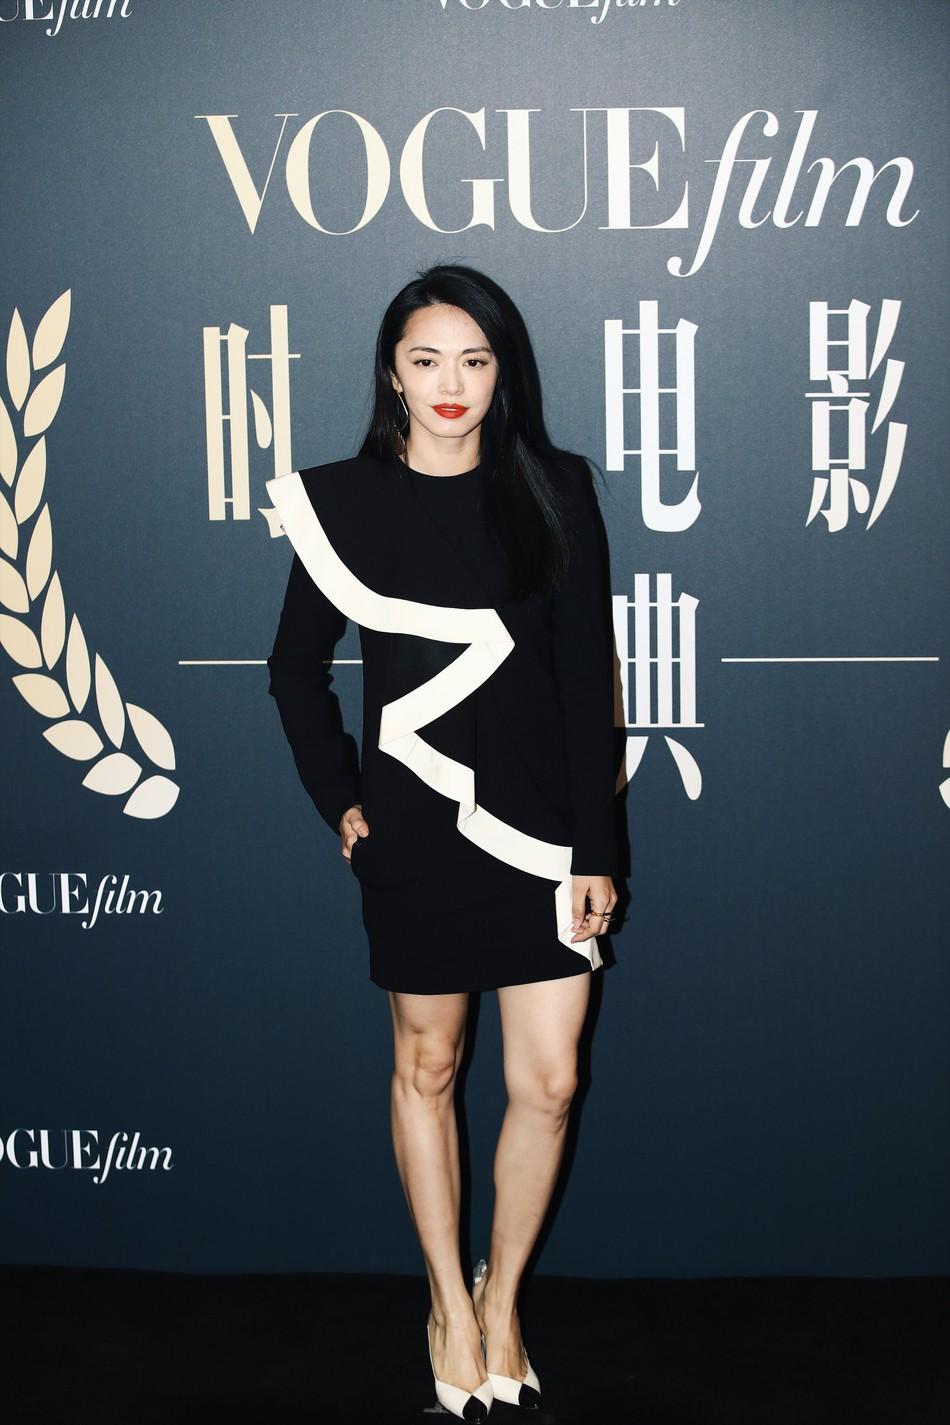 Thảm đỏ Vogue: Triệu Vy đọ nhan sắc bên dàn mỹ nhân đàn em Dương Mịch, Angela Baby 11